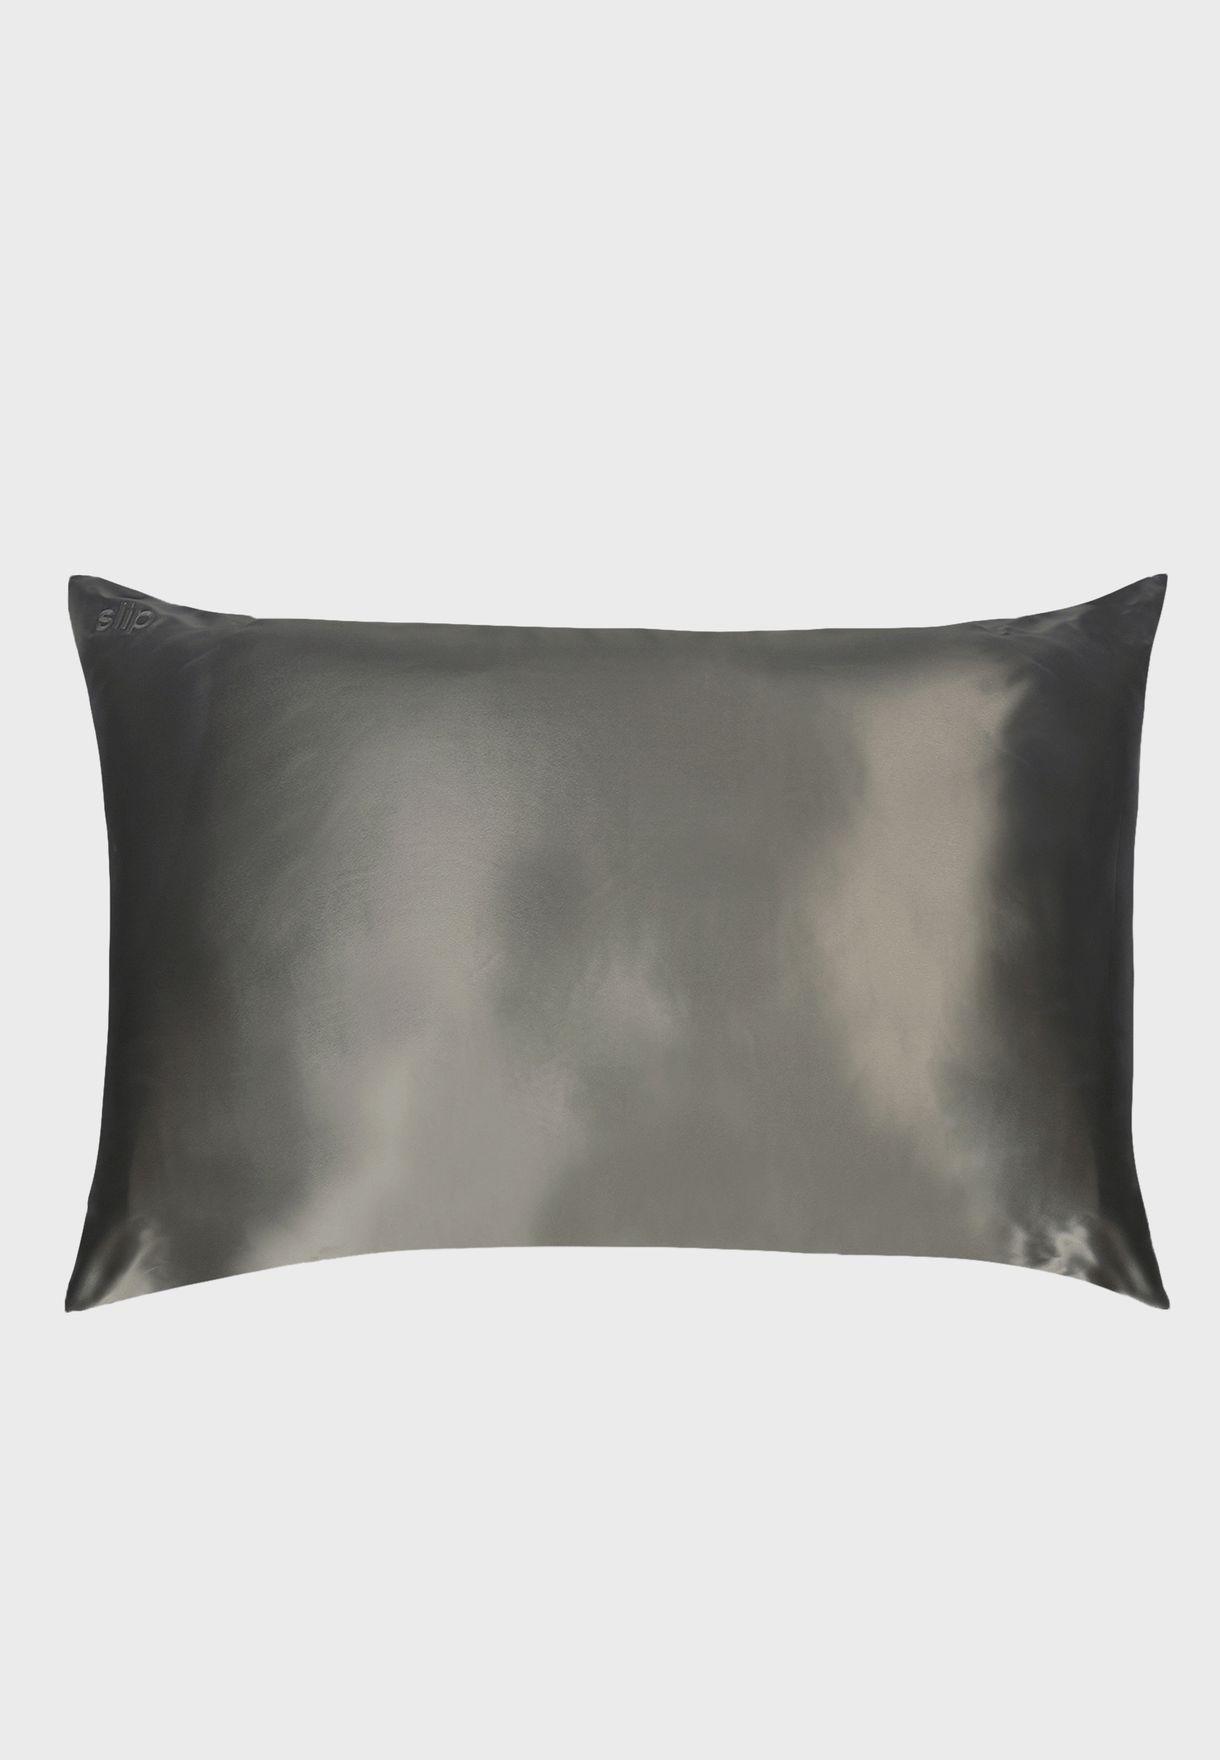 Queen Size Silk Pillow Case - Charcoal